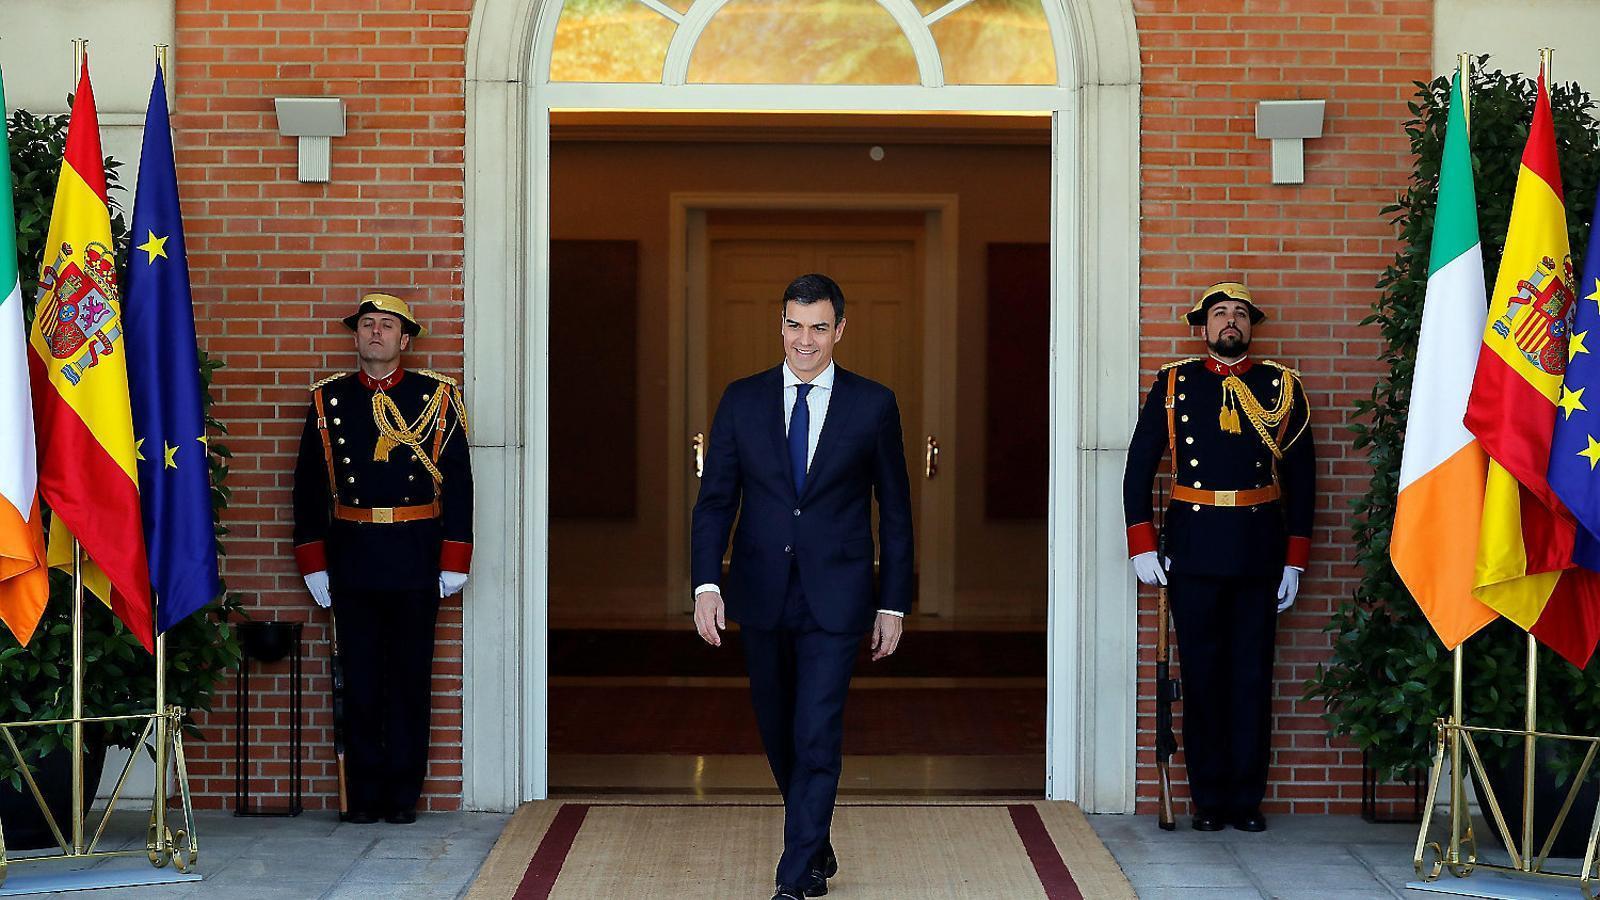 El president espanyol, Pedro Sánchez, dijous passat a la Moncloa.